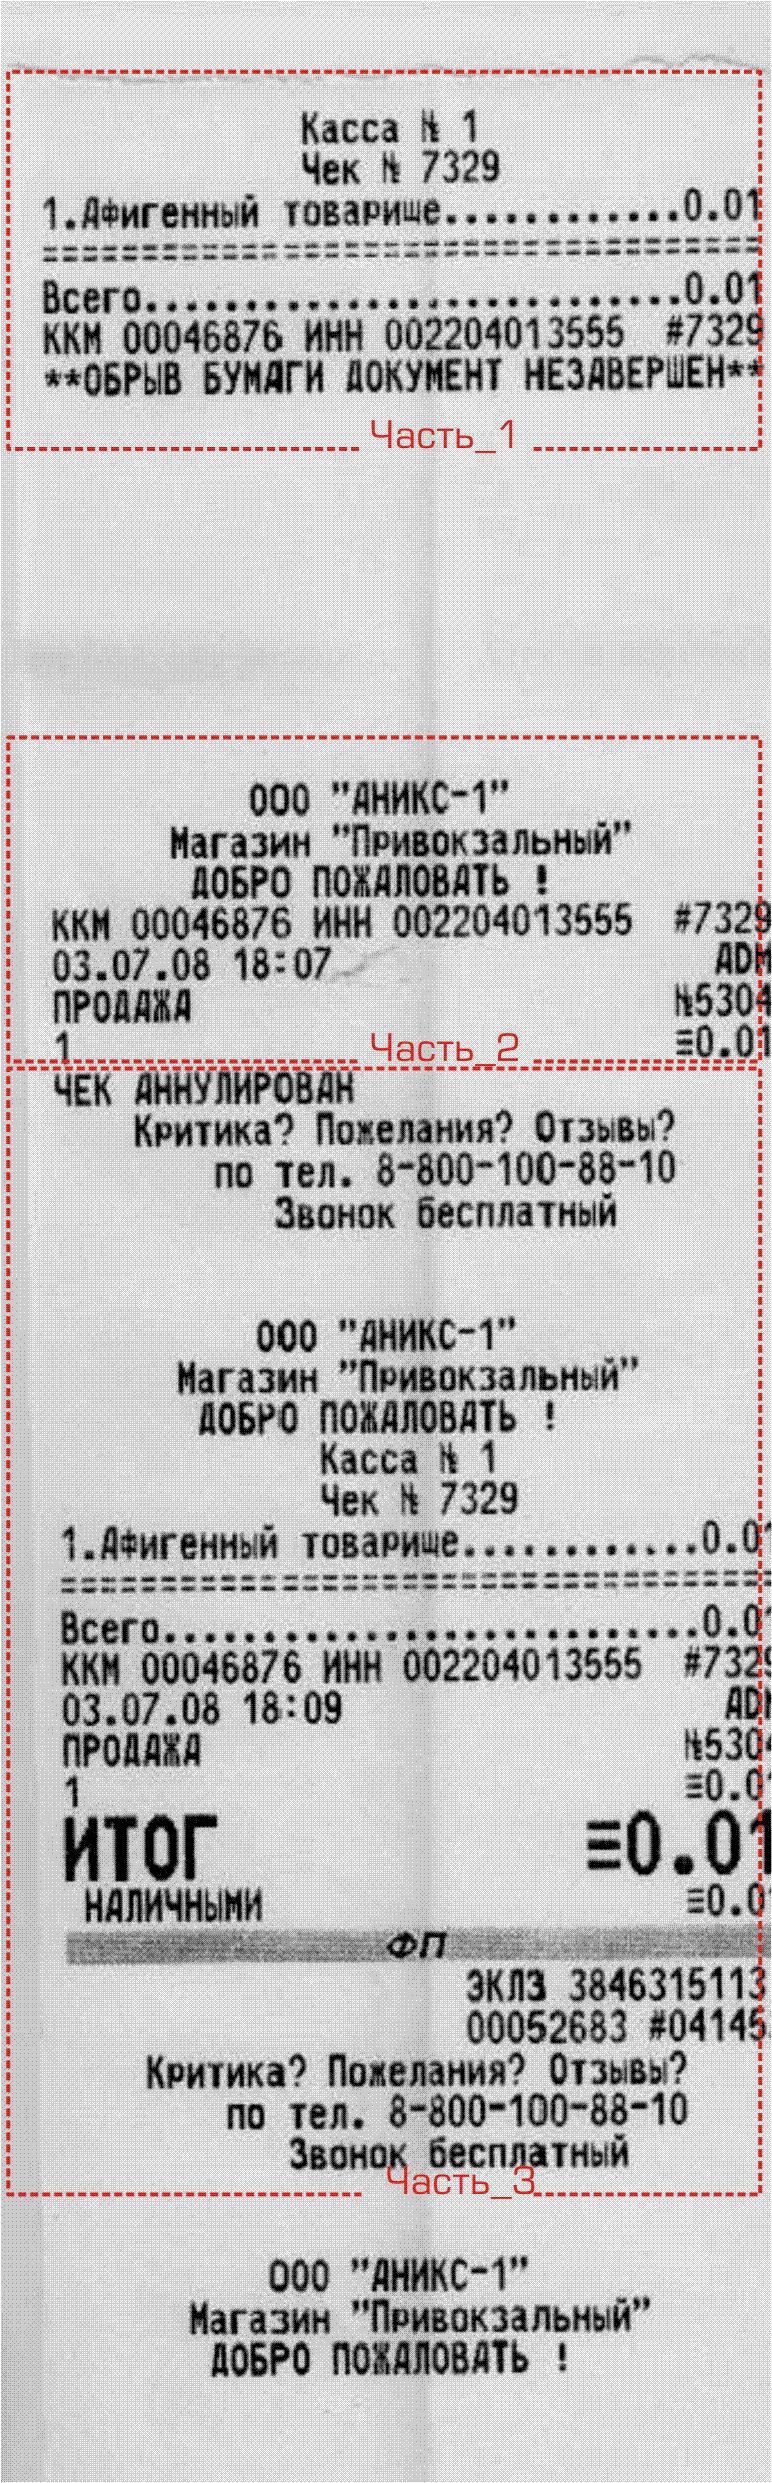 Как оформить возврат по онлайн-кассе чек «возврат прихода» 33